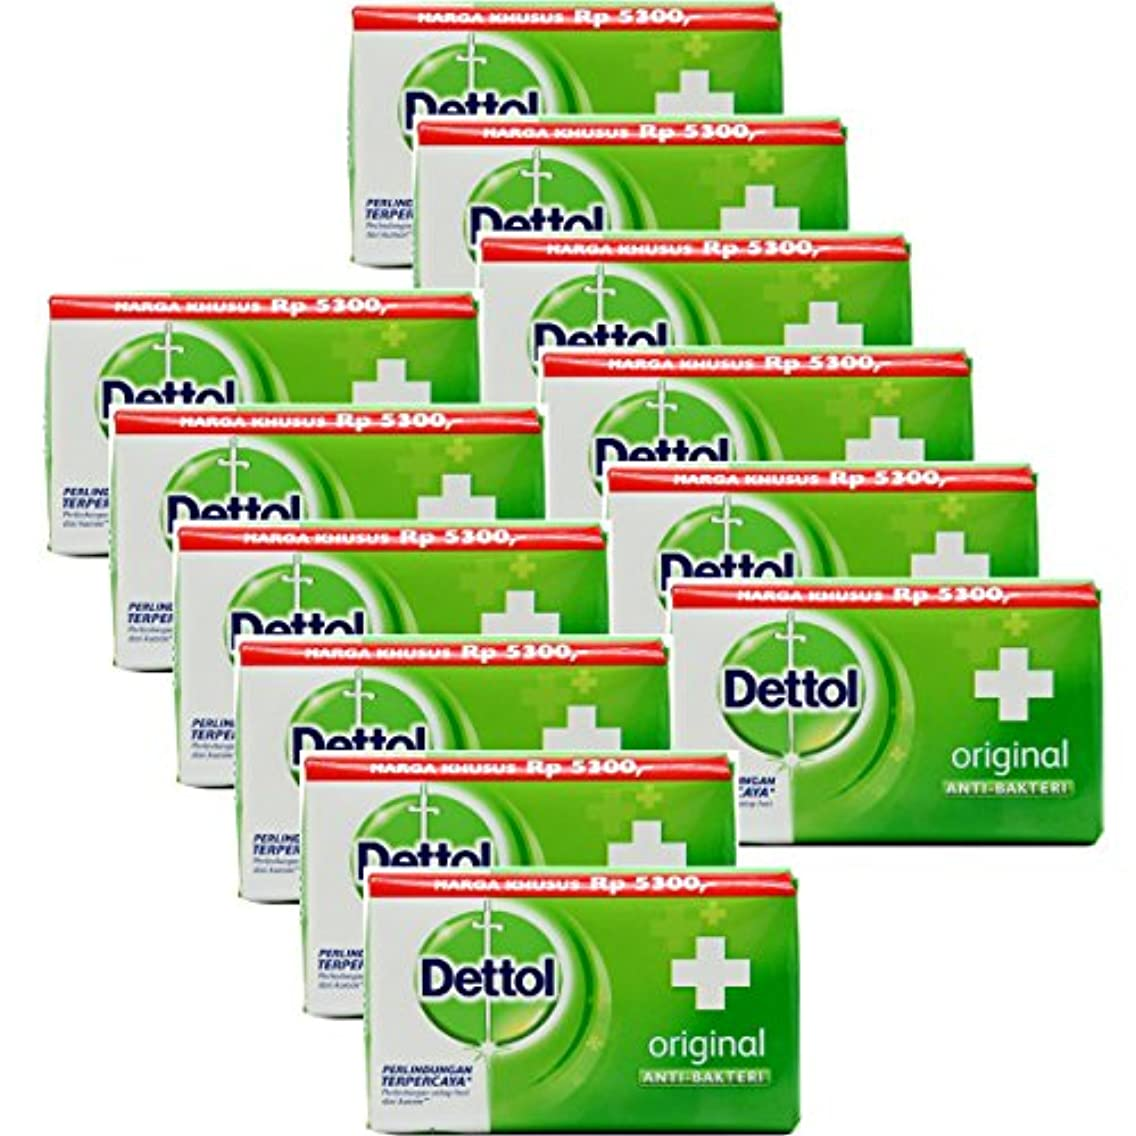 りんご漏れ含意Dettol(デトール) Anti-Bacterial Hand and Body Bar Soap, Original, 110 Gr / 3.88 Oz (12個セット)